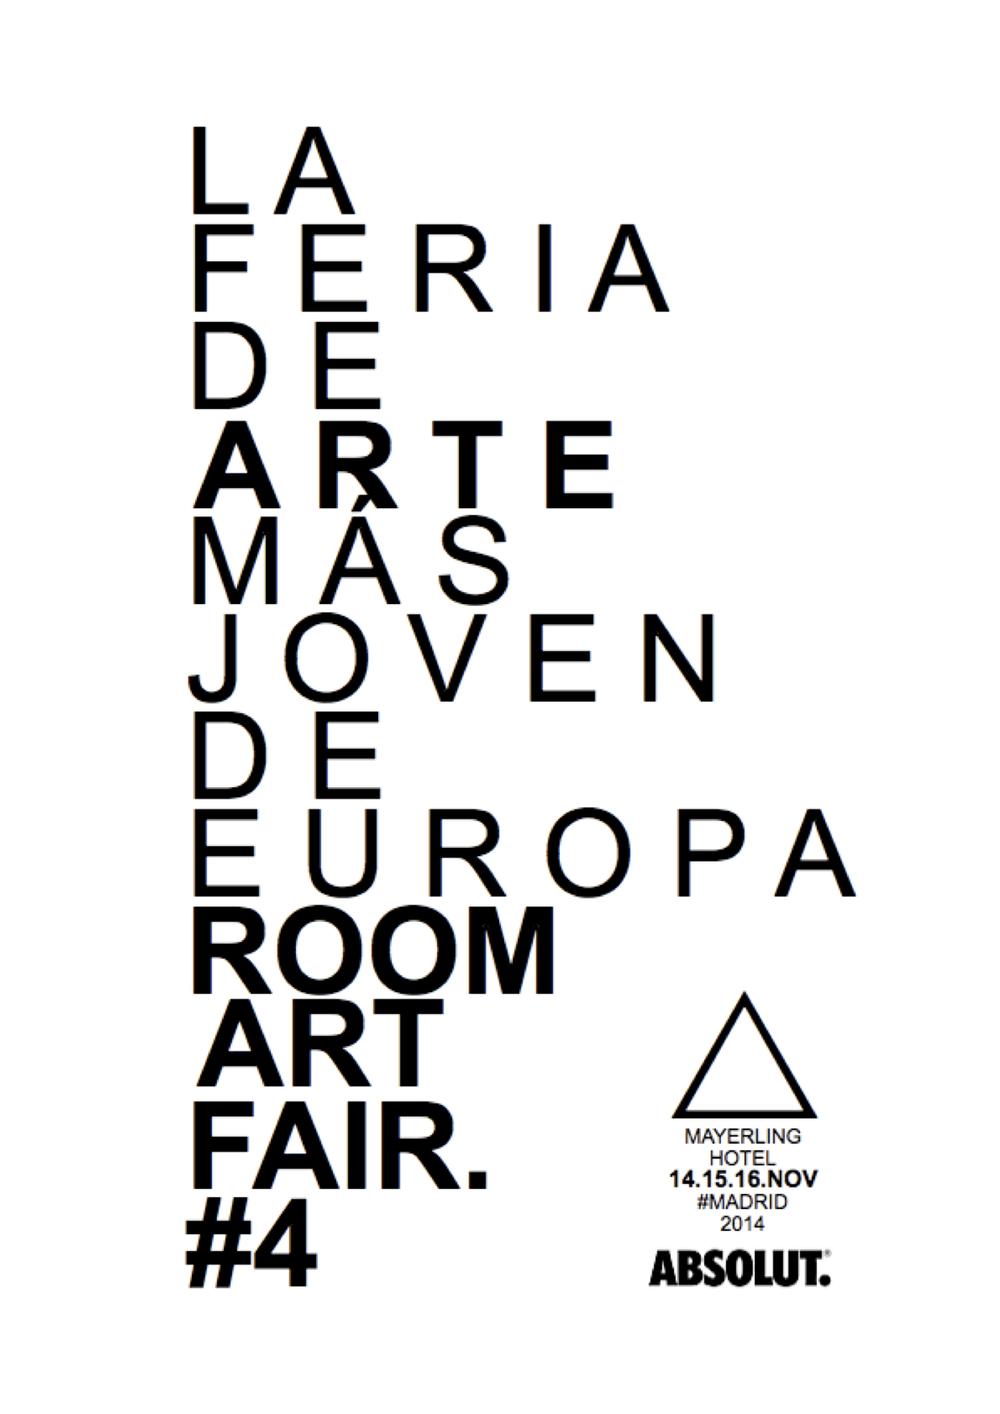 room art fair 2014  - coolneeded